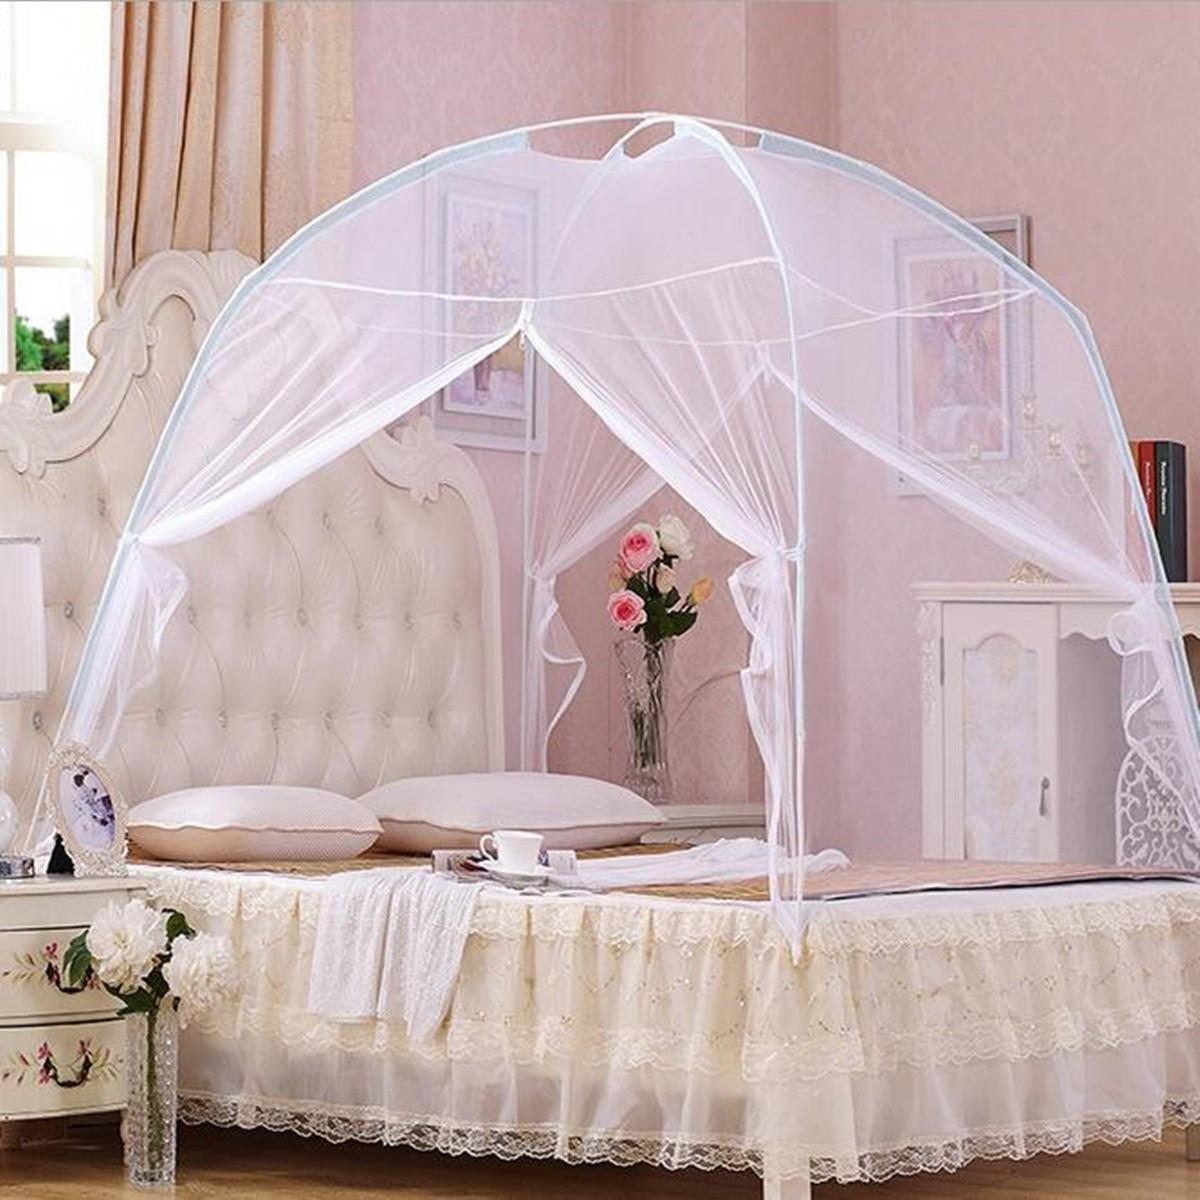 1x Portable Pliant Moustiquaire Tente 1.5x2 m avec 2 Ouvertures Livraison-stand Lit Double Reine Blanc moustique Tente Polyester Maille